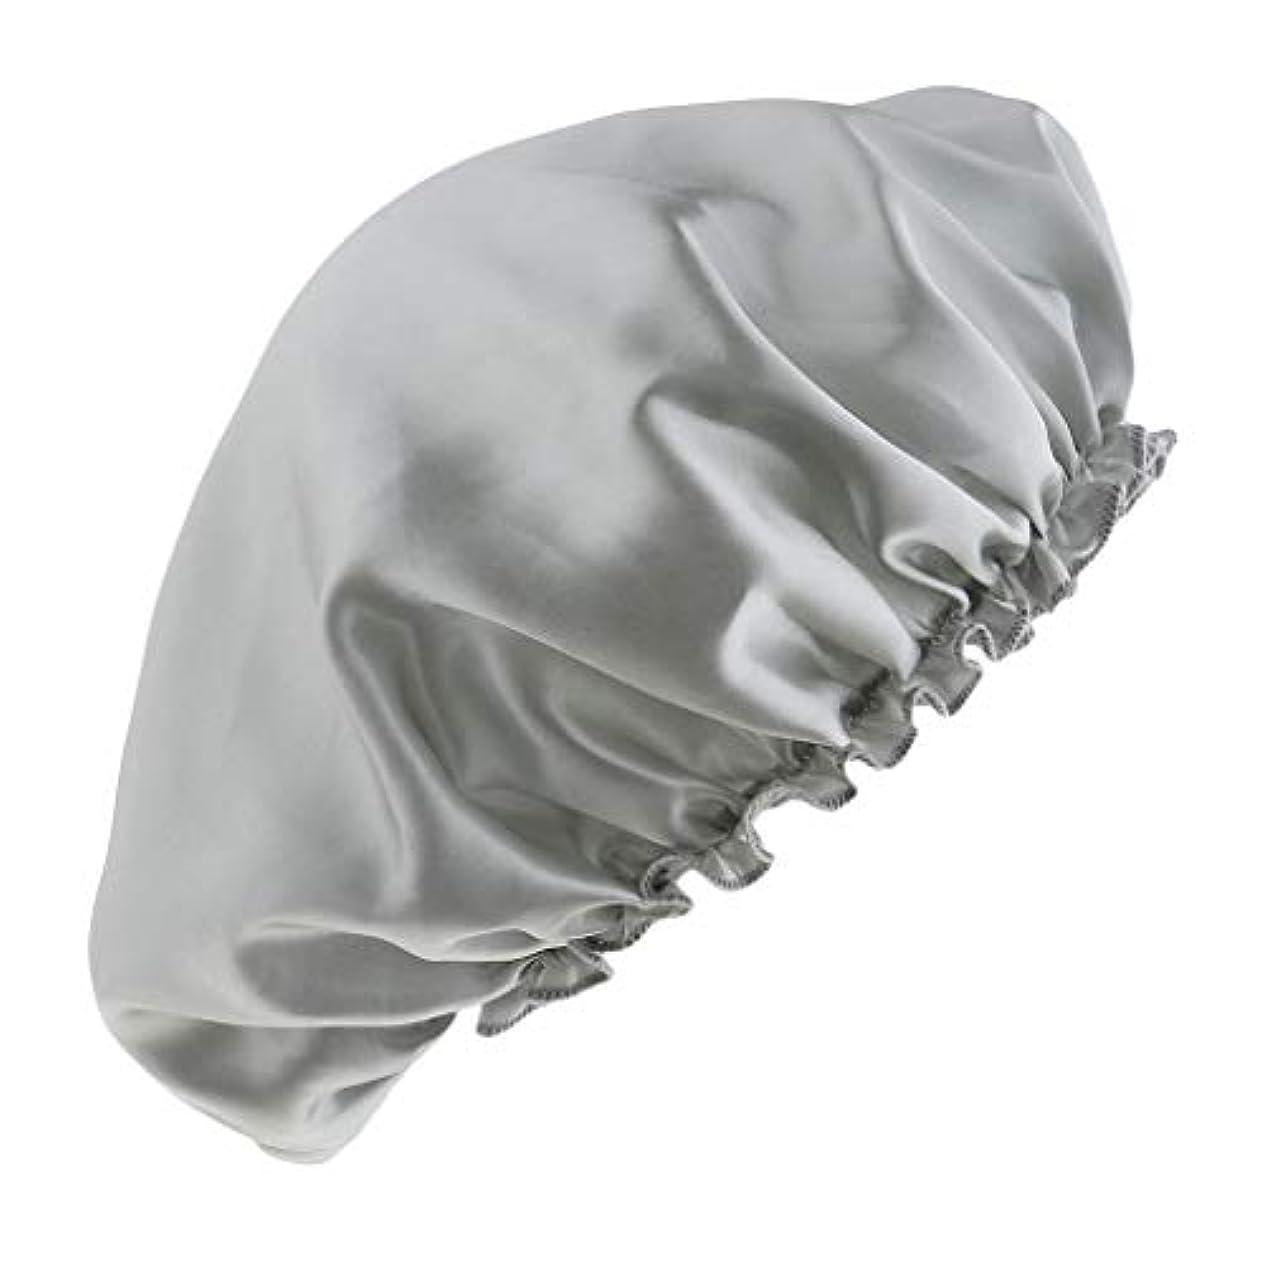 スキップ造船家主シャワーキャップ シルクサテンキャップ シルクサテン帽子 美容ヘッドカバー 浴用帽子 全8色 - 銀